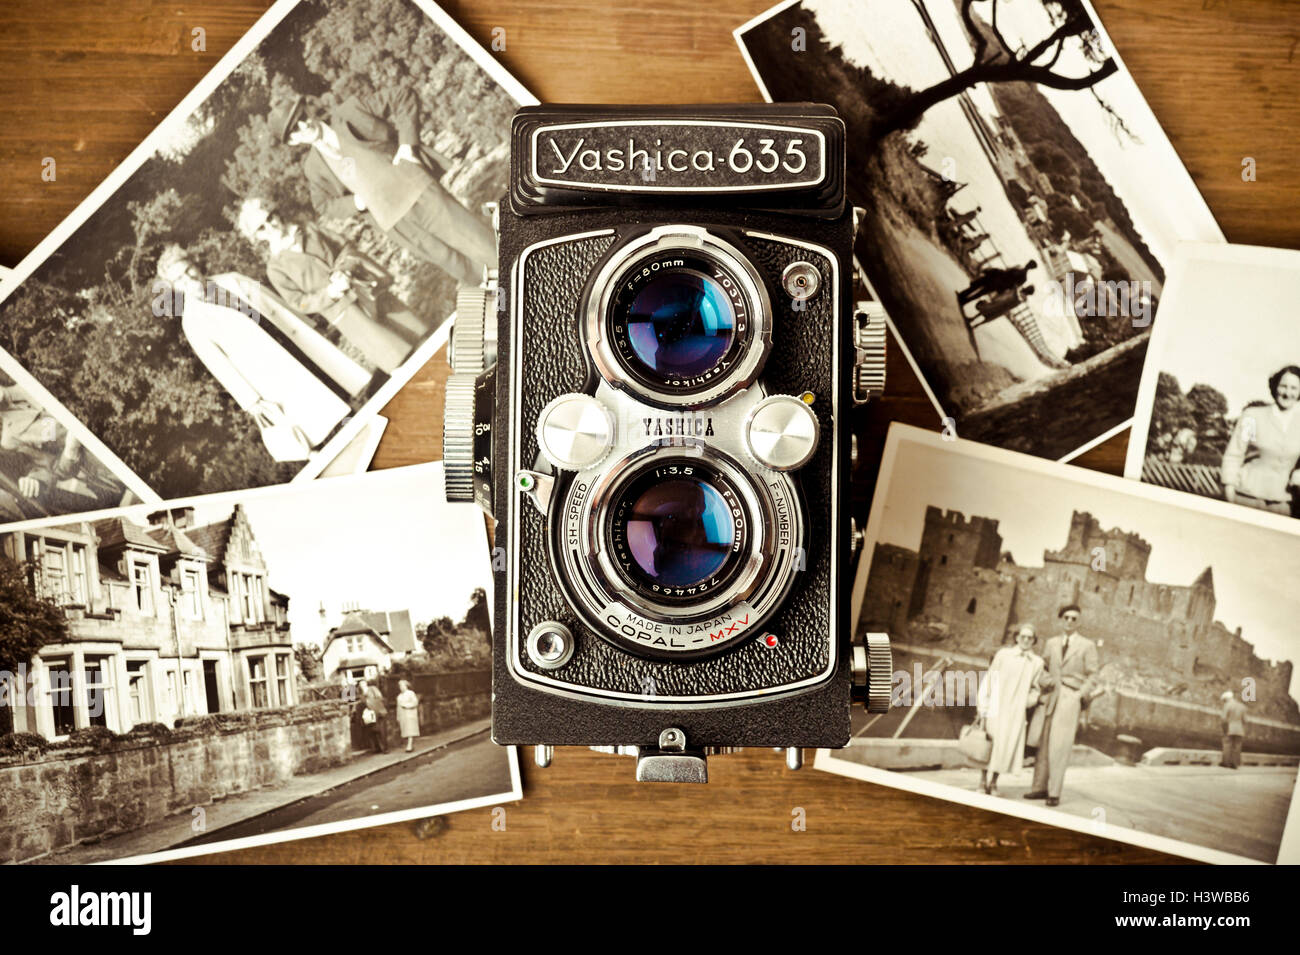 Appareil photo Yashica vintage et de photographies Photo Stock